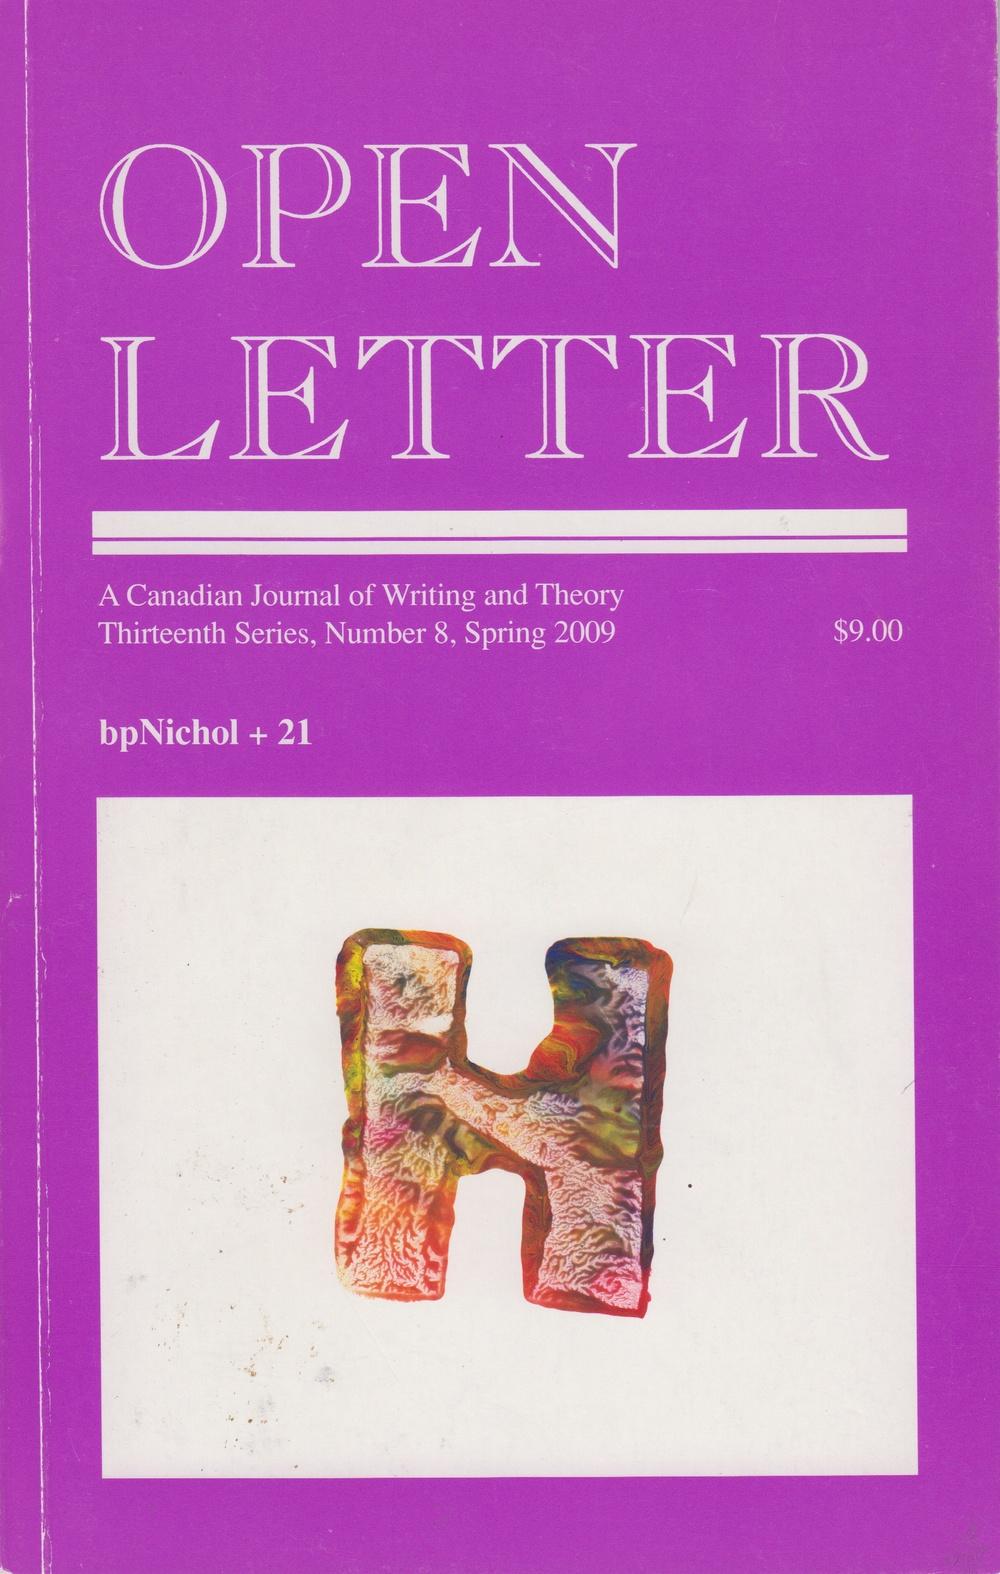 open_letterB 001.jpg